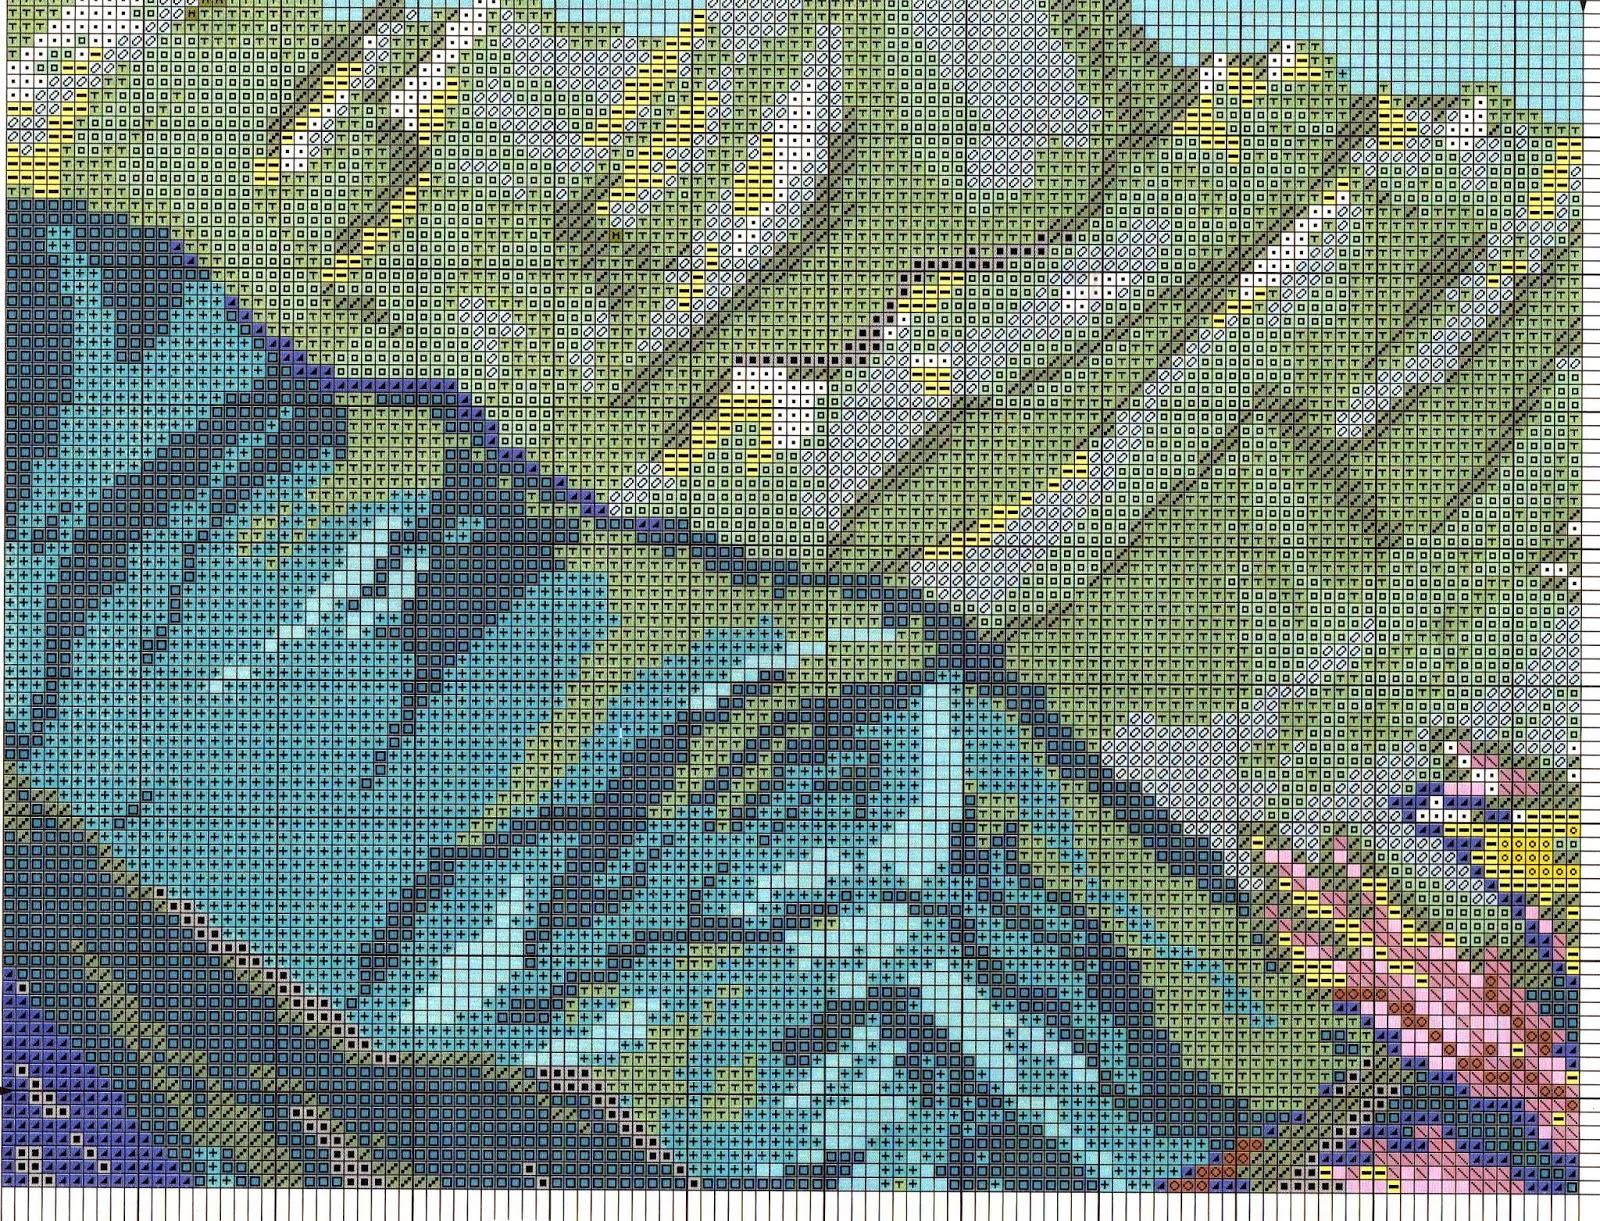 голден кайт схема 944